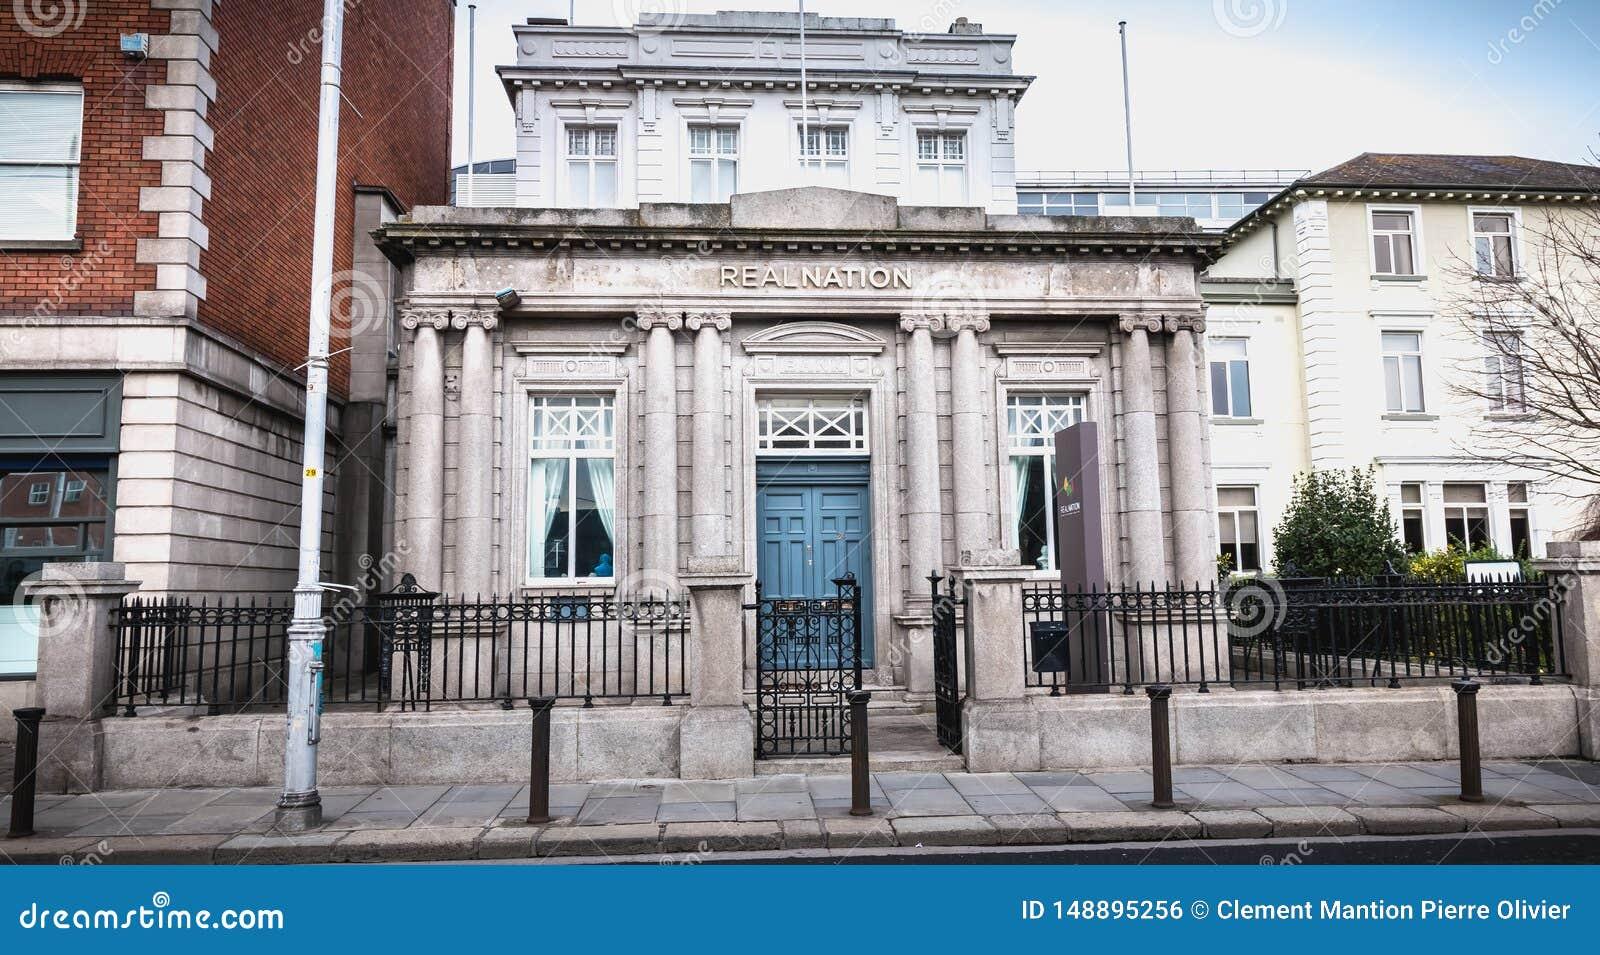 Arkitektonisk detalj av det RealNation kontoret i Dublin, Irland